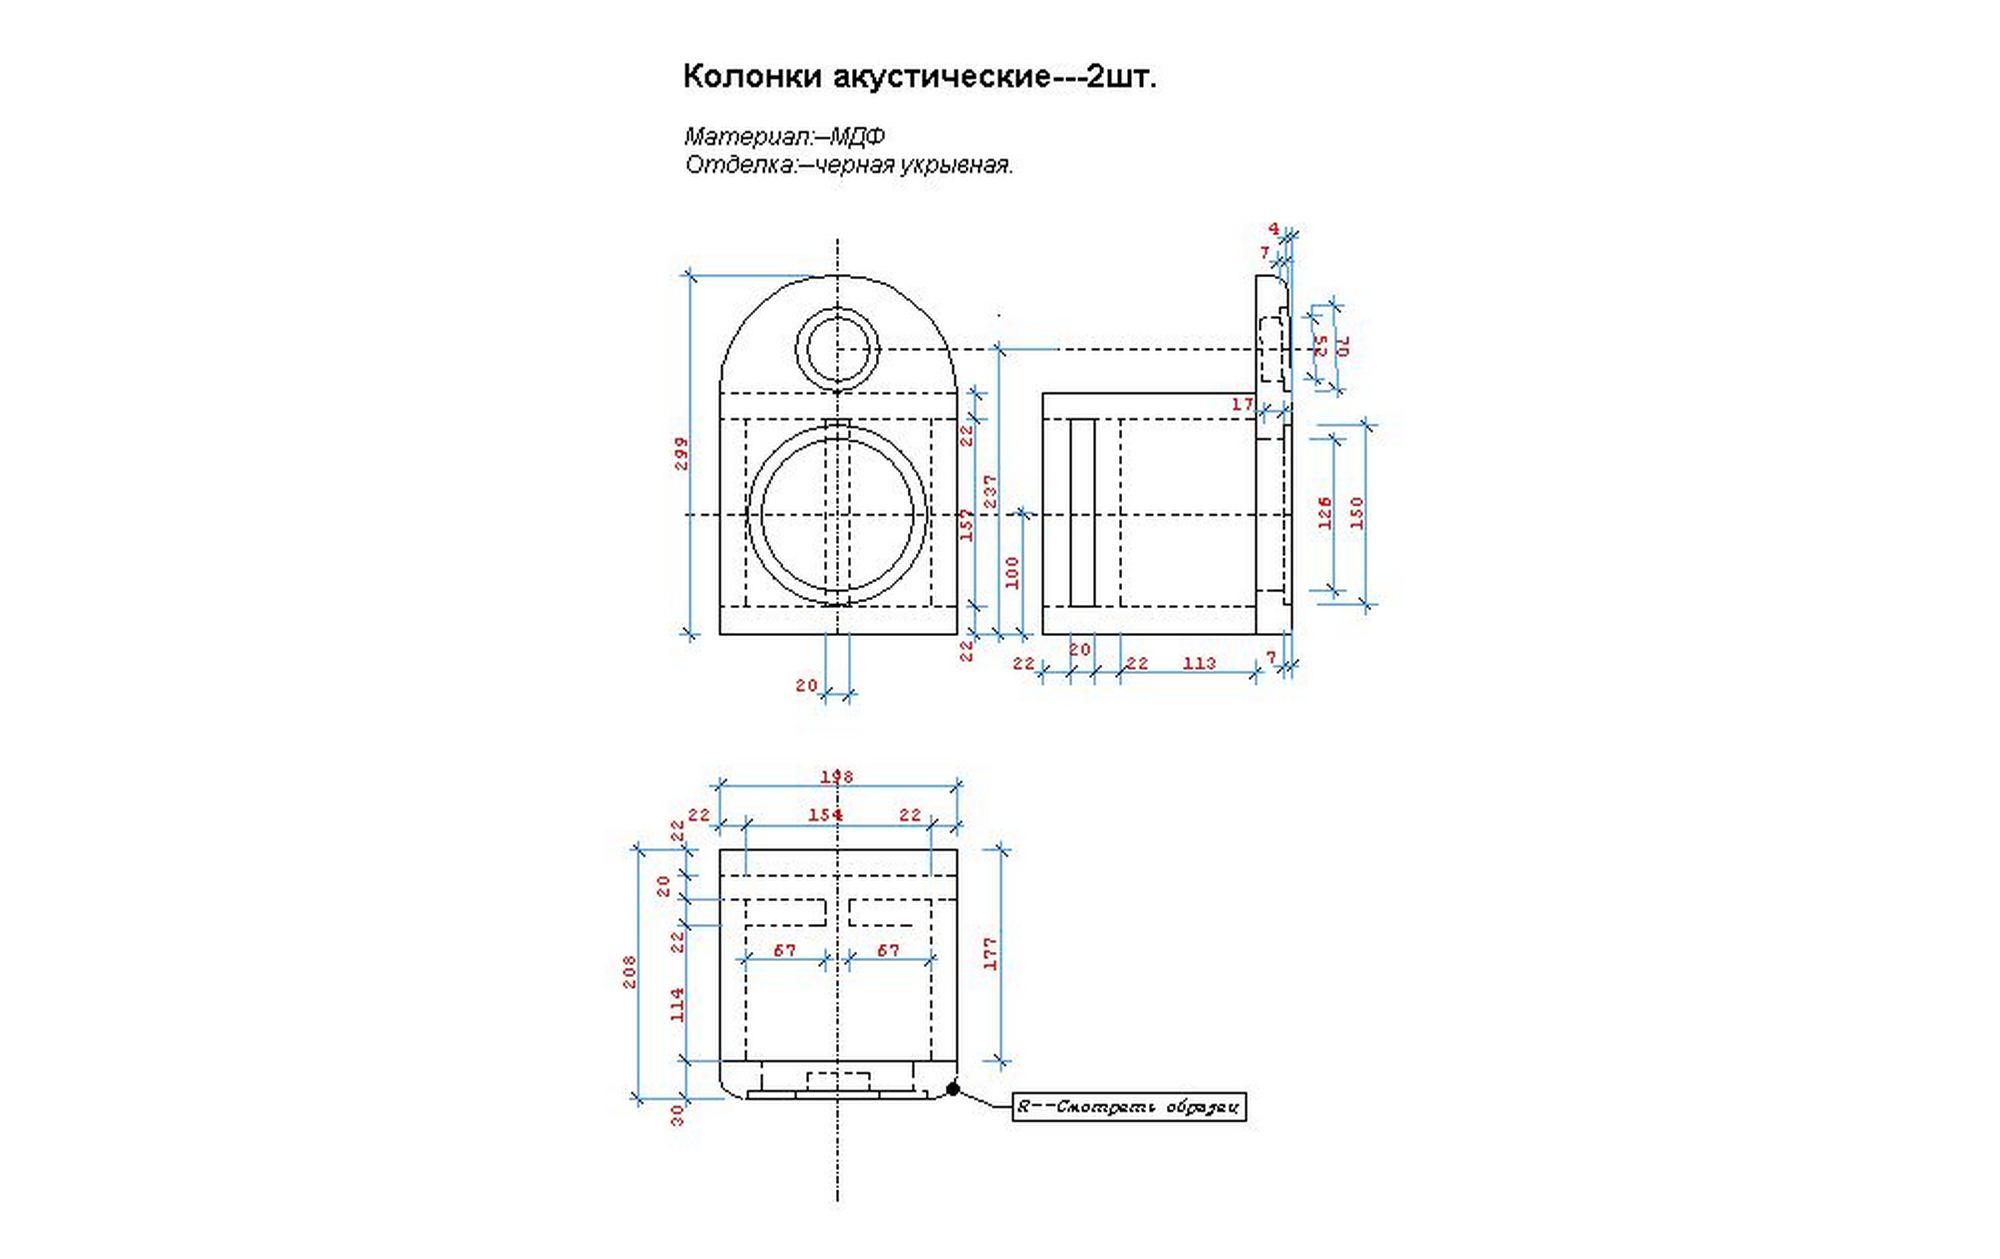 Сабвуфер с 2 динамиками схема